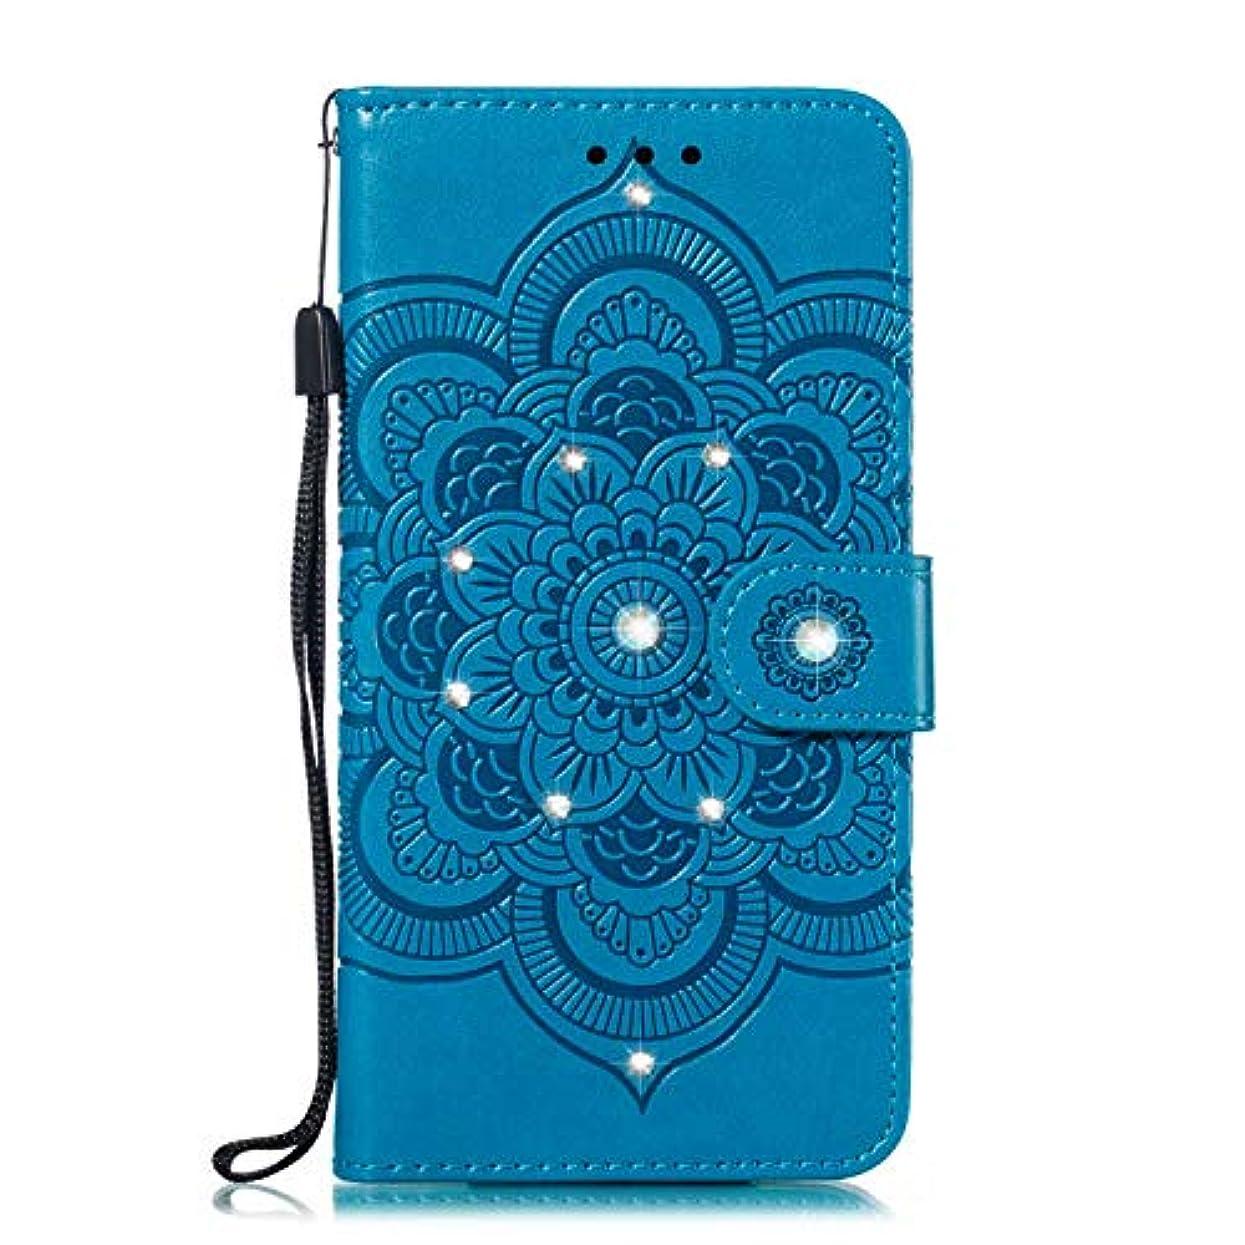 ペリスコープ図サンプルOMATENTI Xiaomi MI 6X ケース 手帳型 かわいい レディース用 合皮PUレザー 財布型 保護ケース ザー カード収納 スタンド 機能 マグネット 人気 高品質 ダイヤモンドの輝き マンダラのエンボス加工 ケース, 青